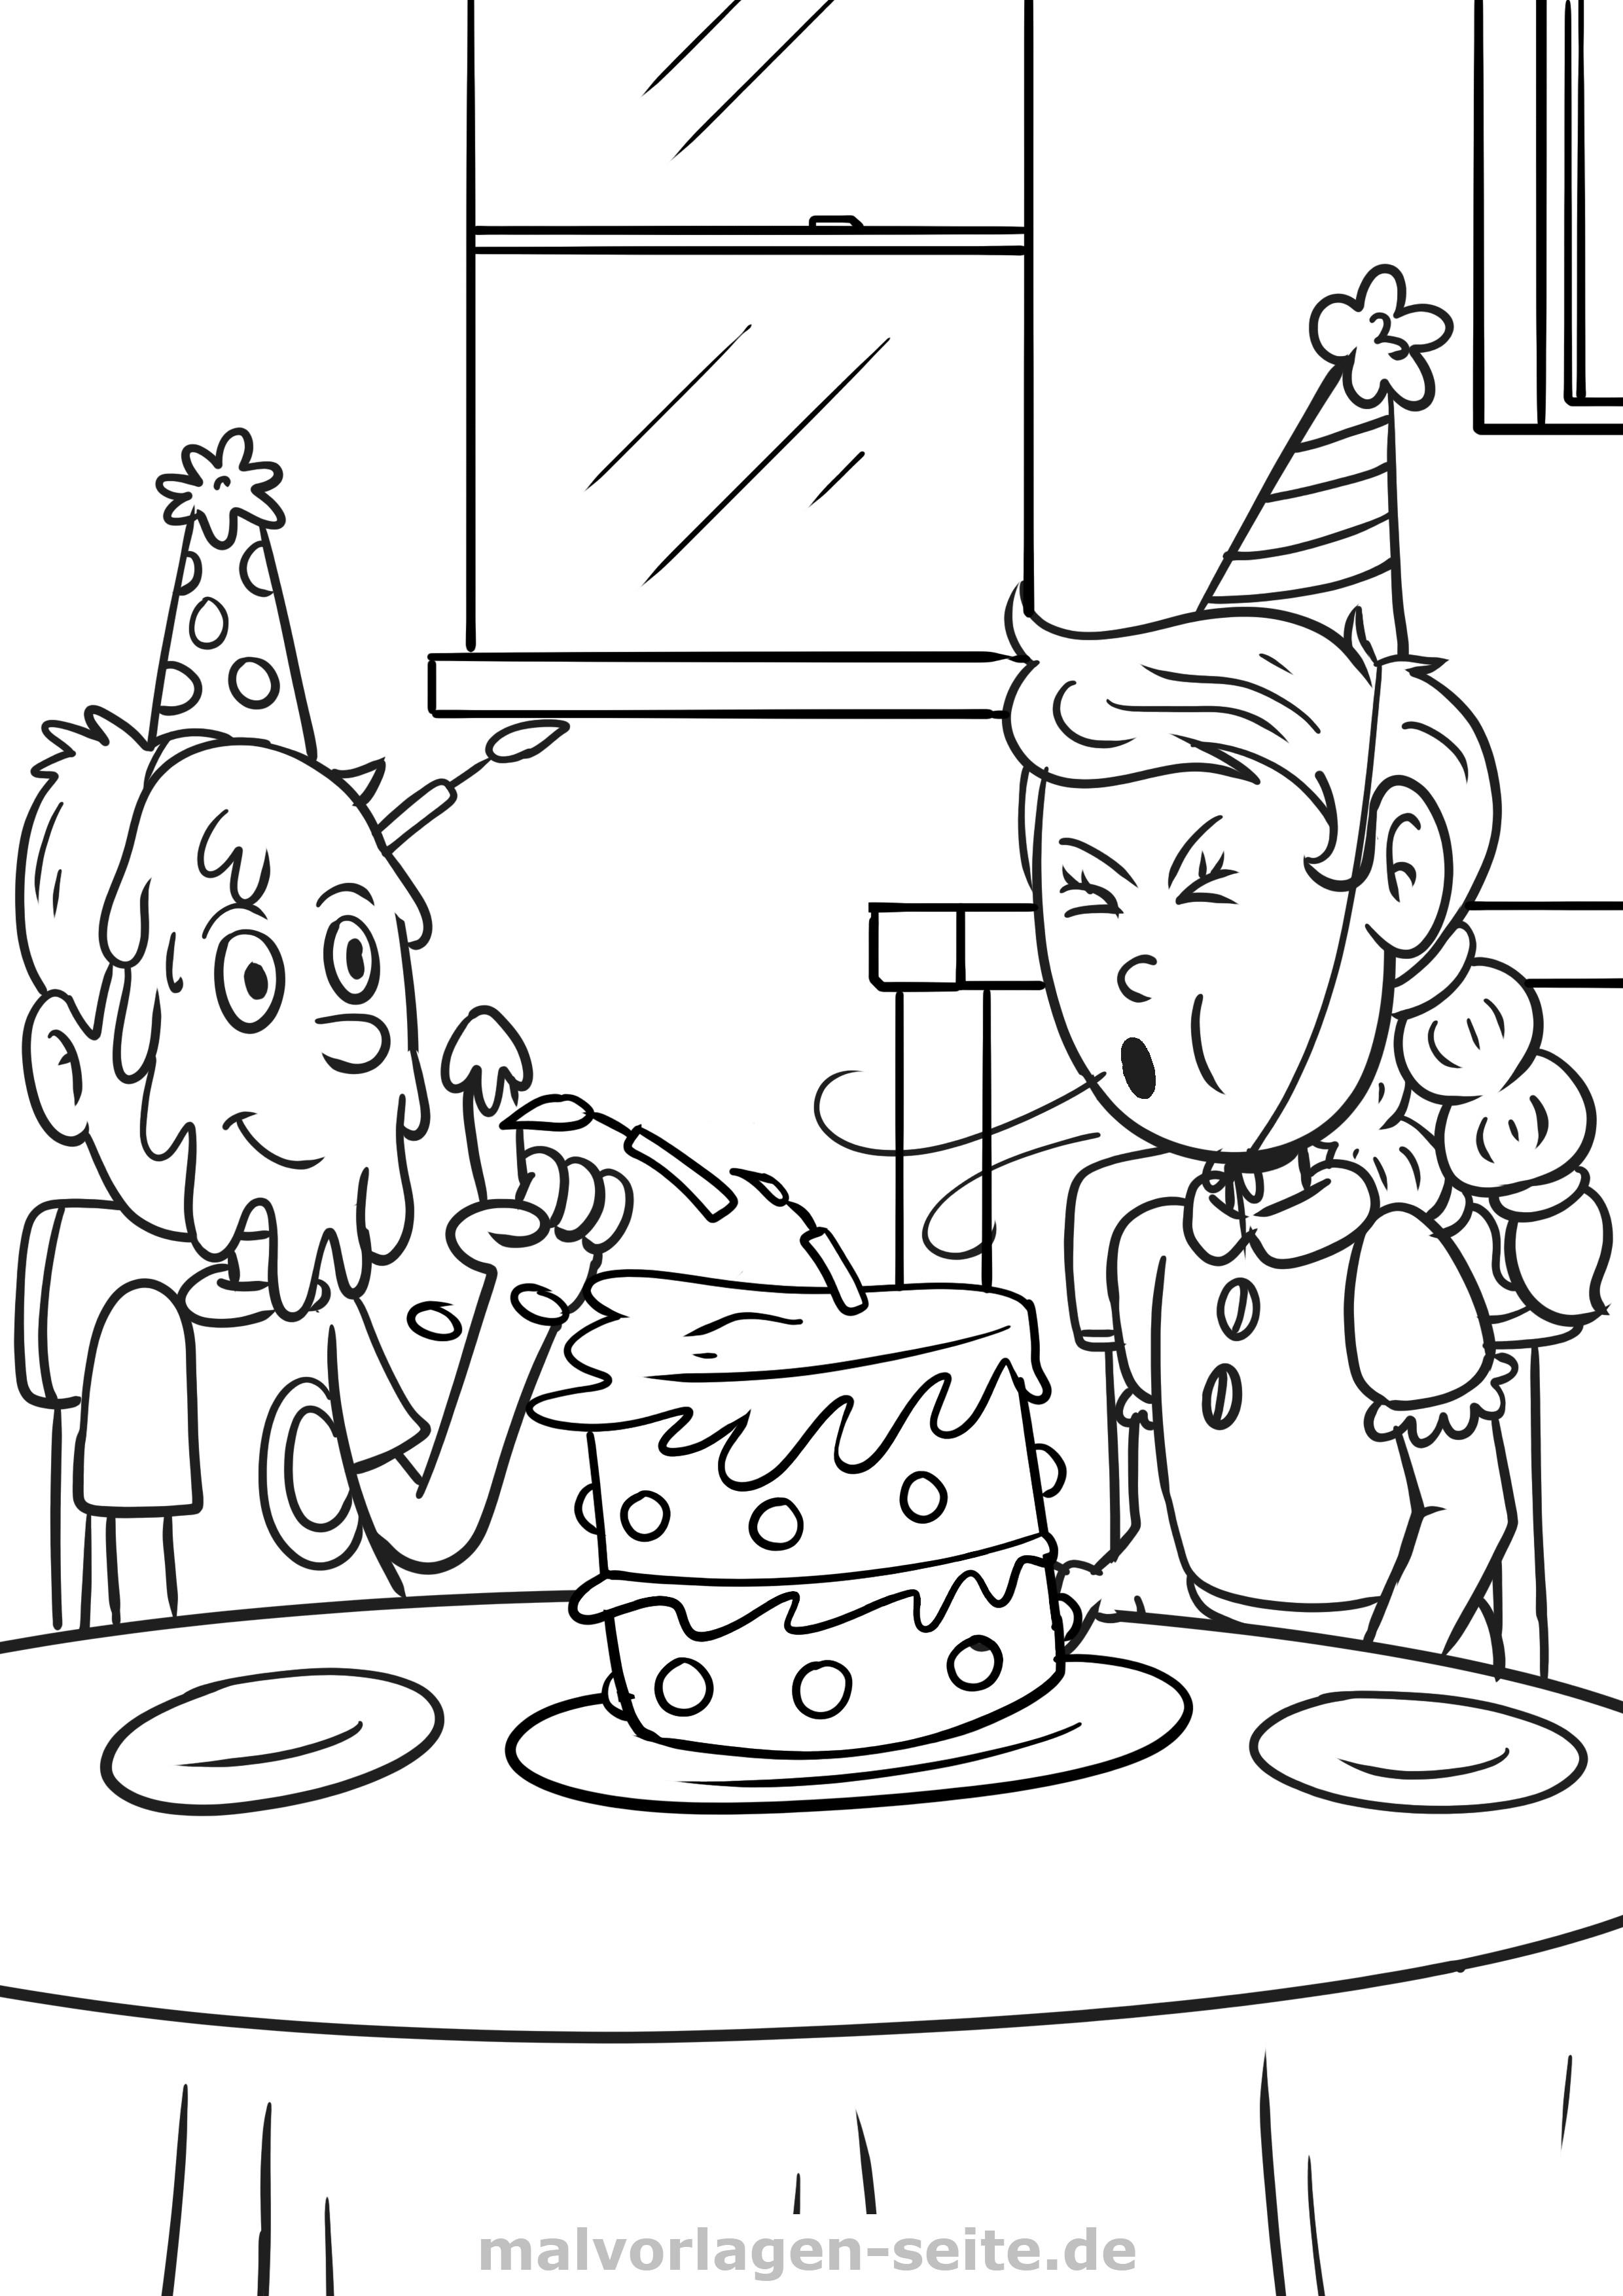 Malvorlage Geburtstag Gratis Malvorlagen Zum Download